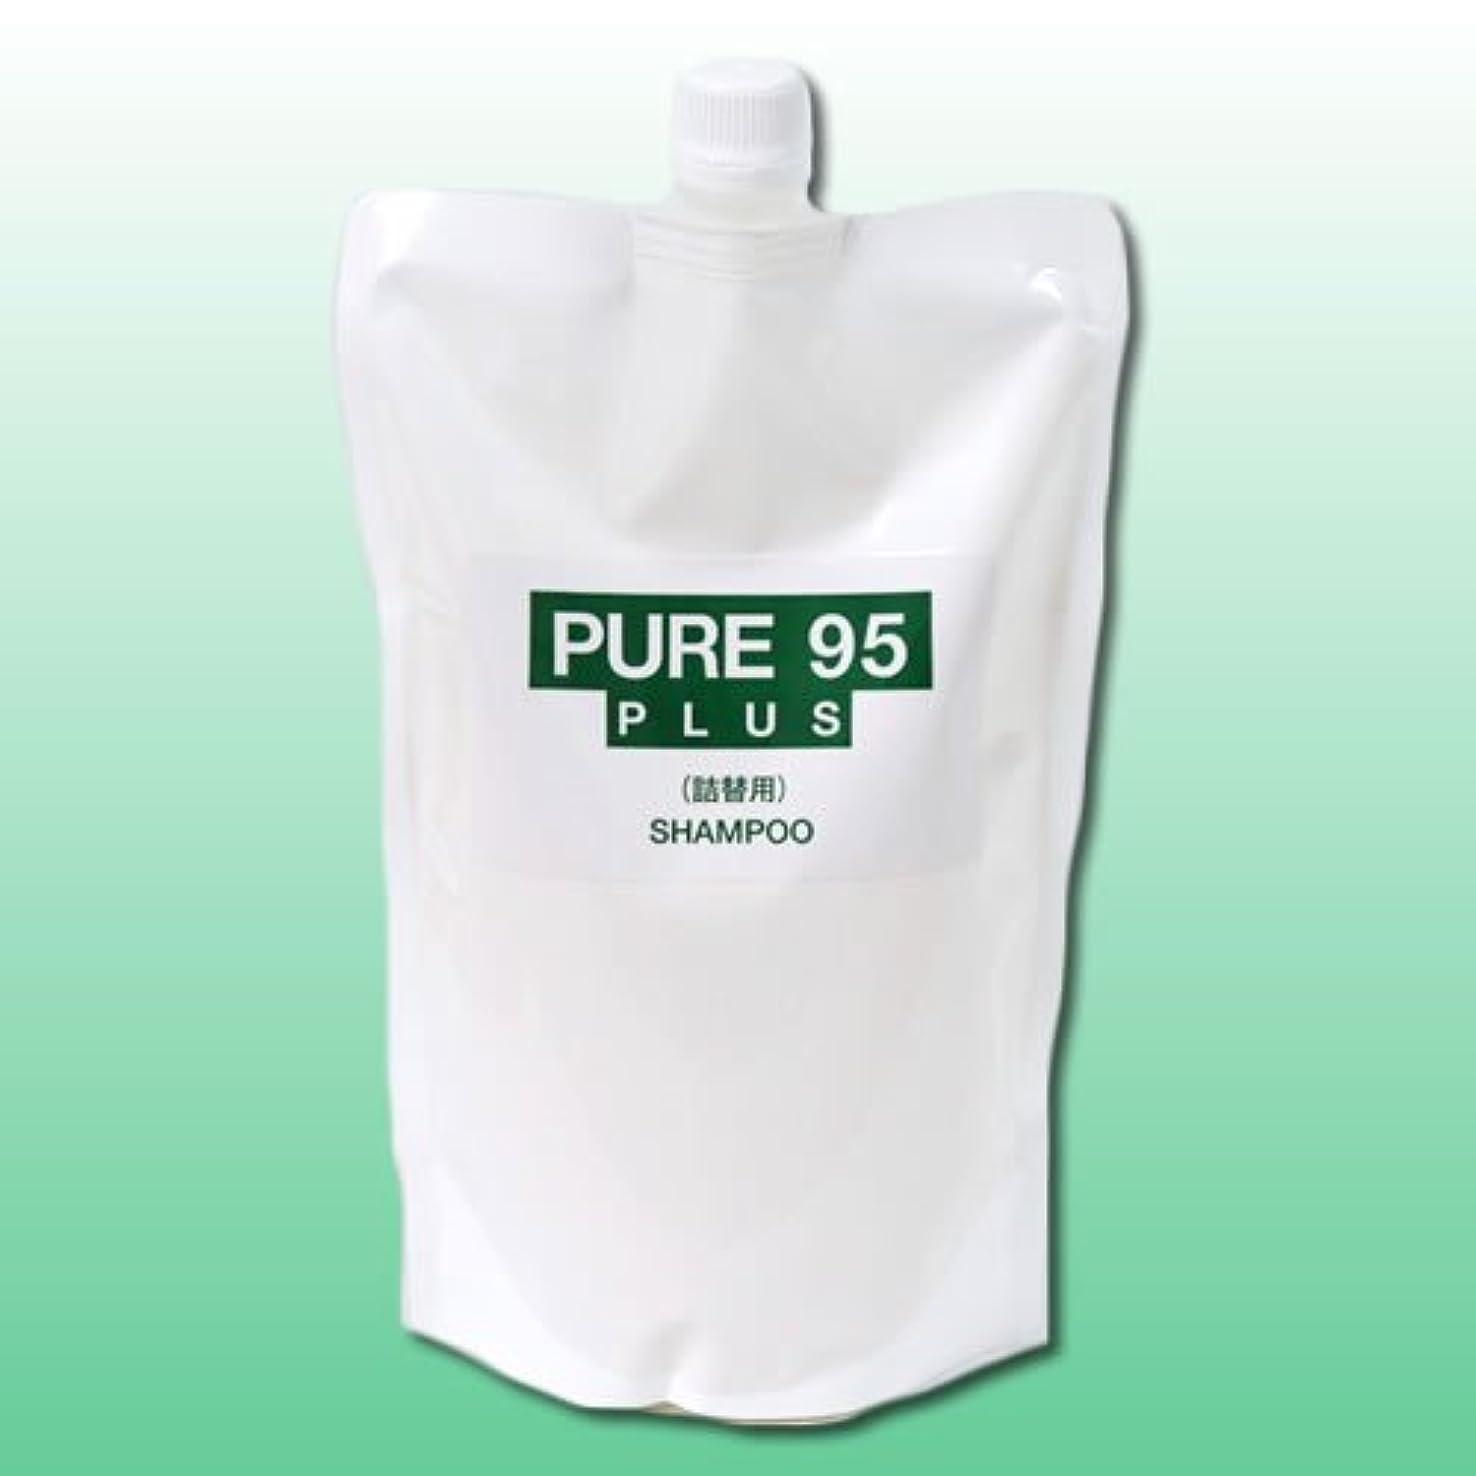 ふつう外国人花弁パーミングジャパン PURE95(ピュア95) プラスシャンプー 700ml (草原の香り) 詰替用